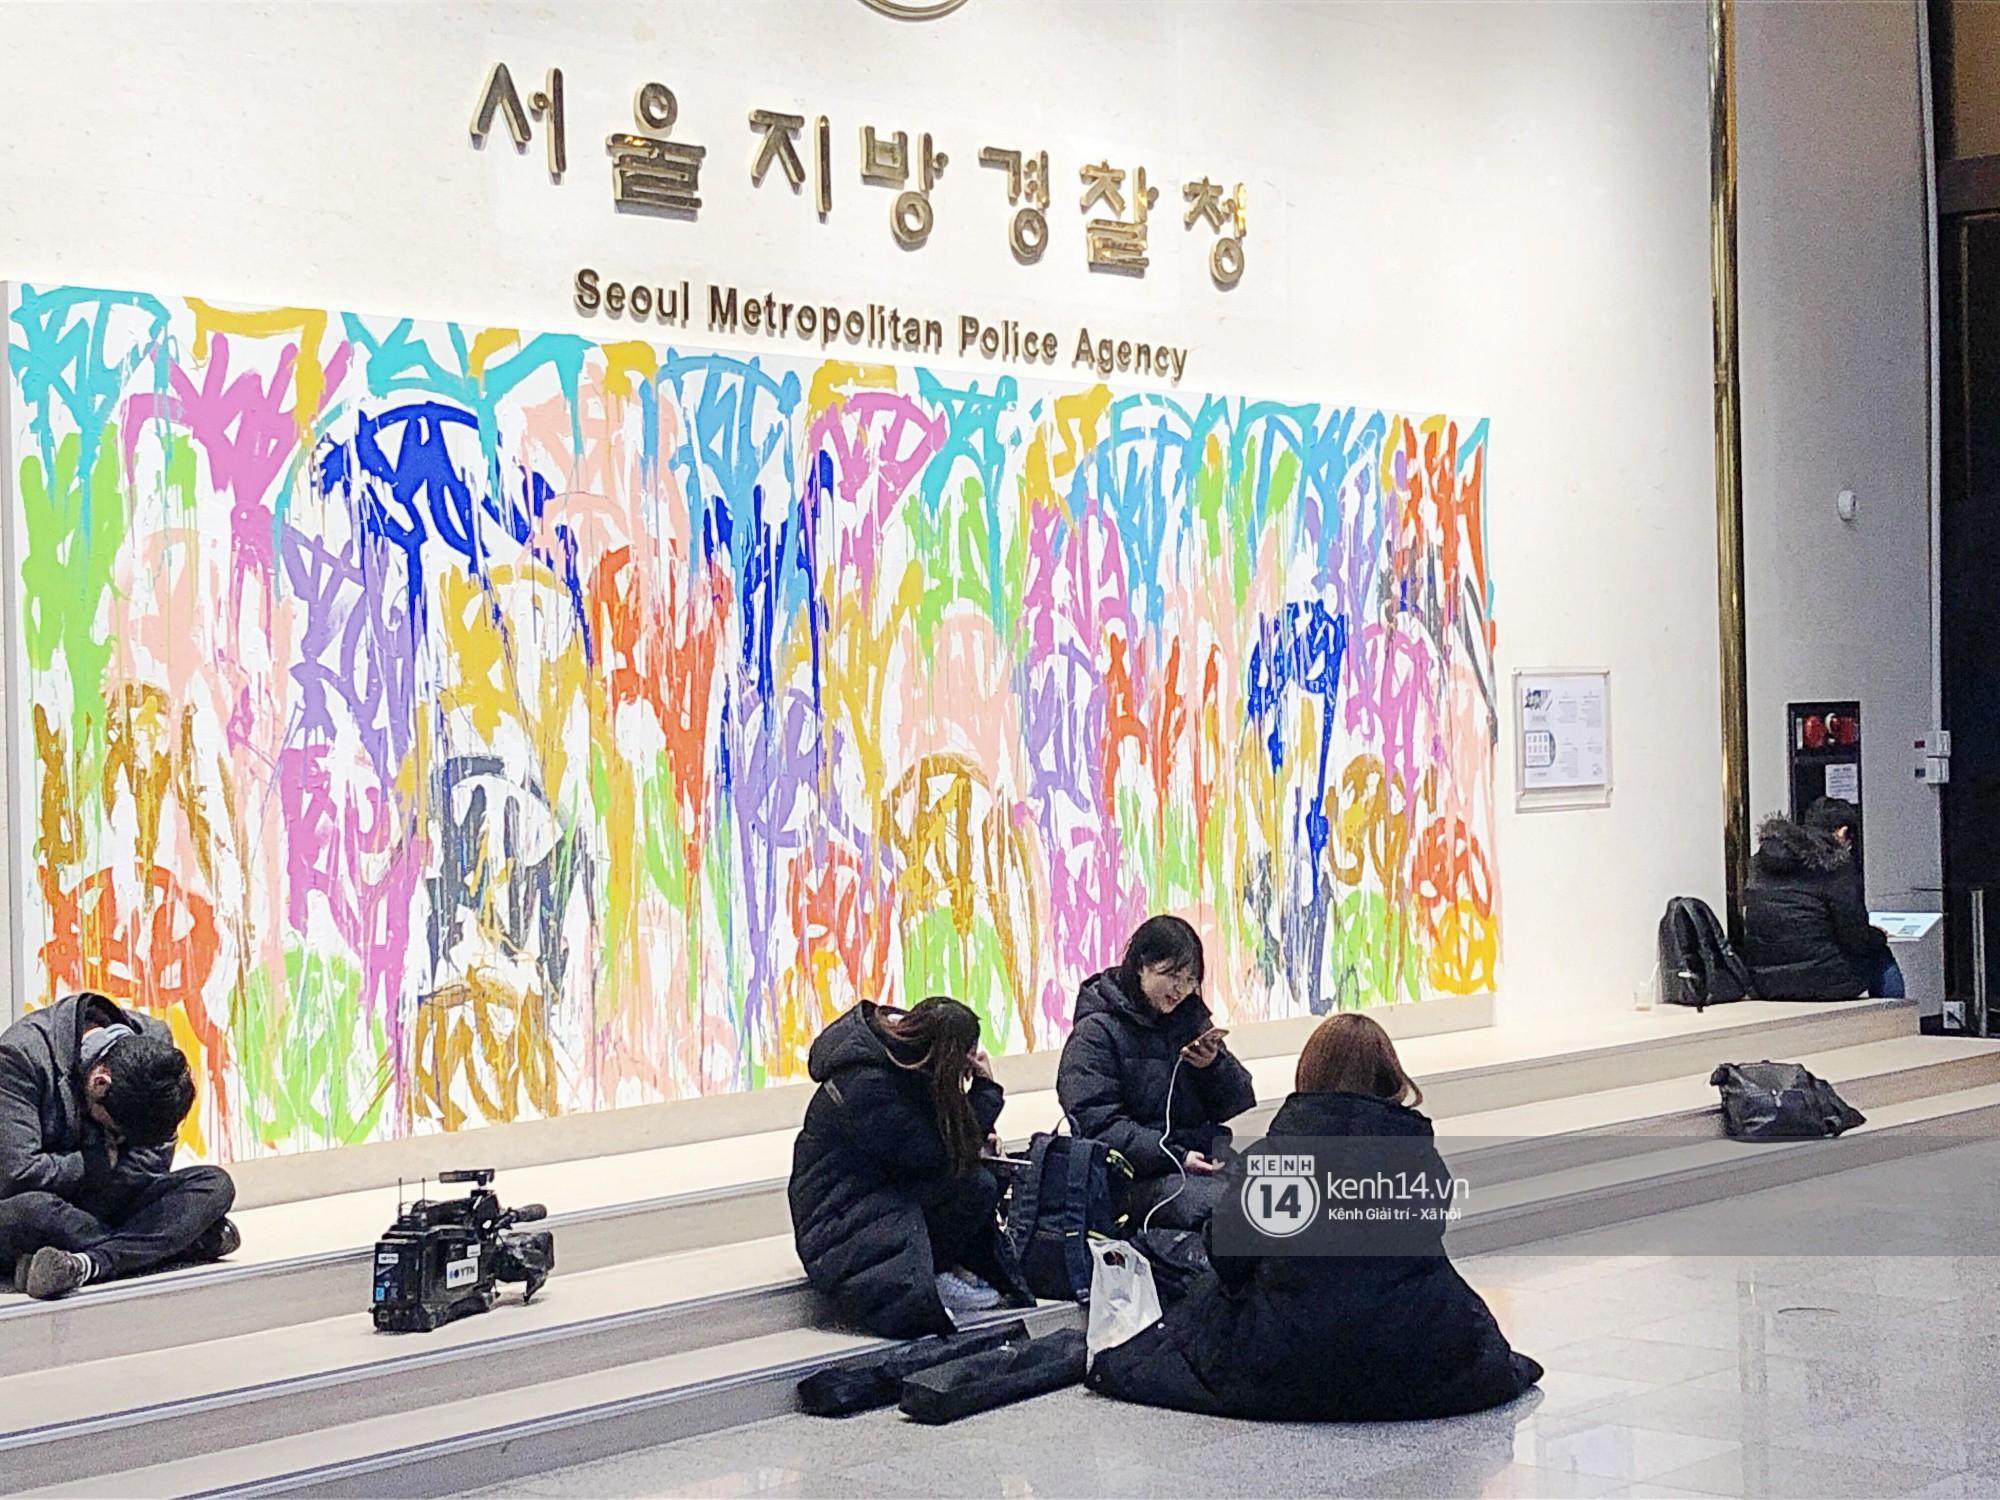 Tường thuật độc quyền từ Hàn Quốc: Seungri, Jung Joon Young chuẩn bị thẩm vấn xong, không khí hiện tại ra sao? - Ảnh 15.